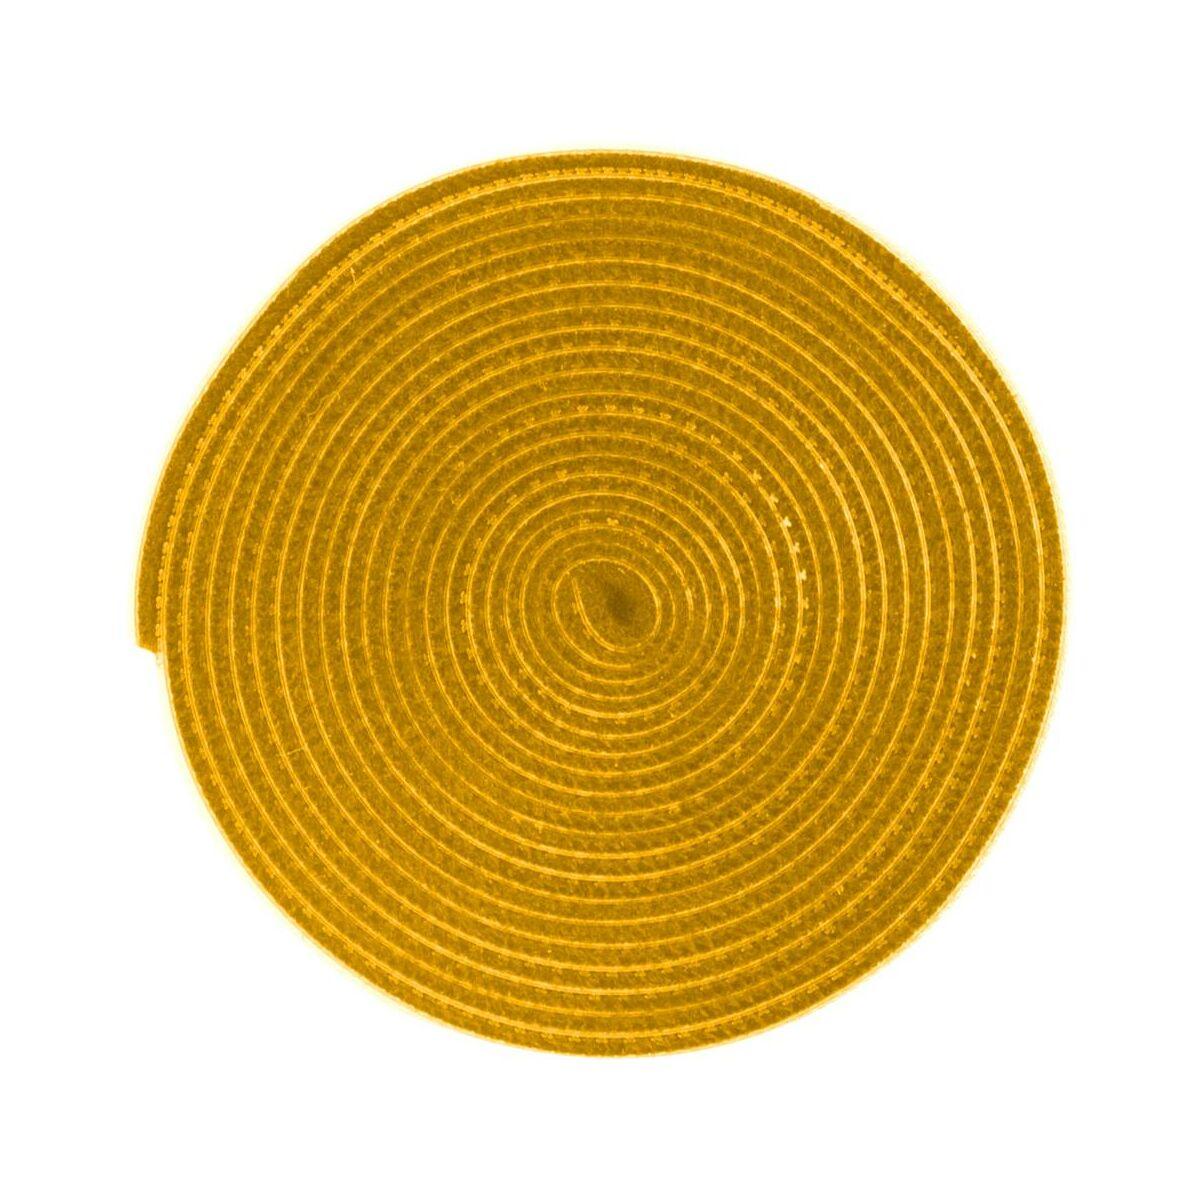 Baseus kiegészítő Rainbow Circle tépőzáras vágható kötegelő csík, 3m, citromsárga (ACMGT-F0Y)